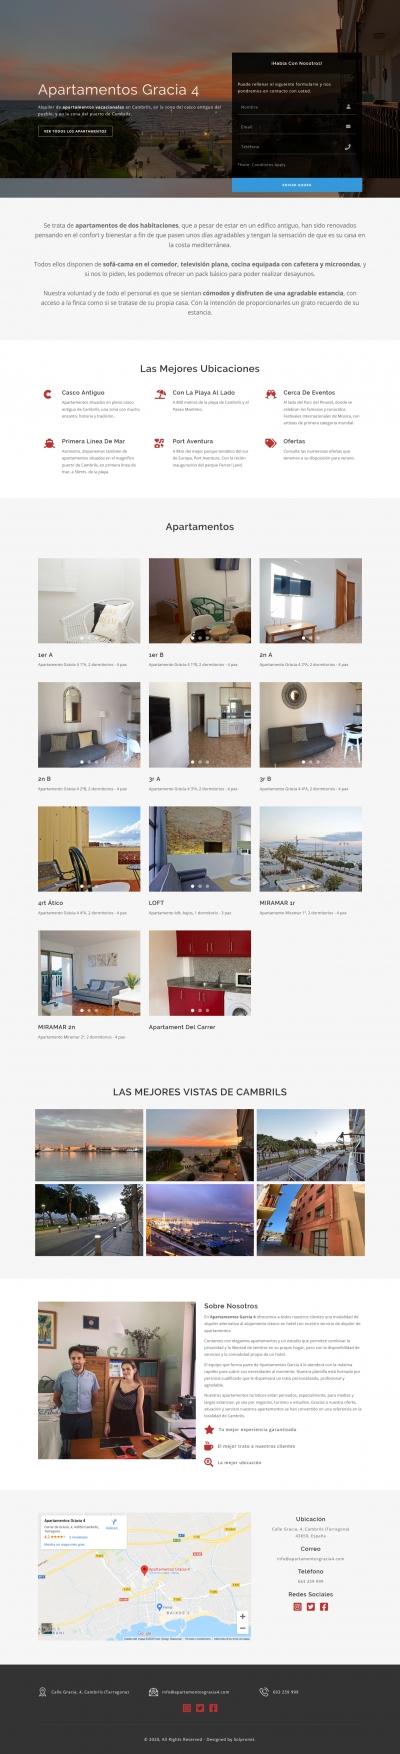 Diseño web Landing page para empresa de Apartamentos en Cambrils